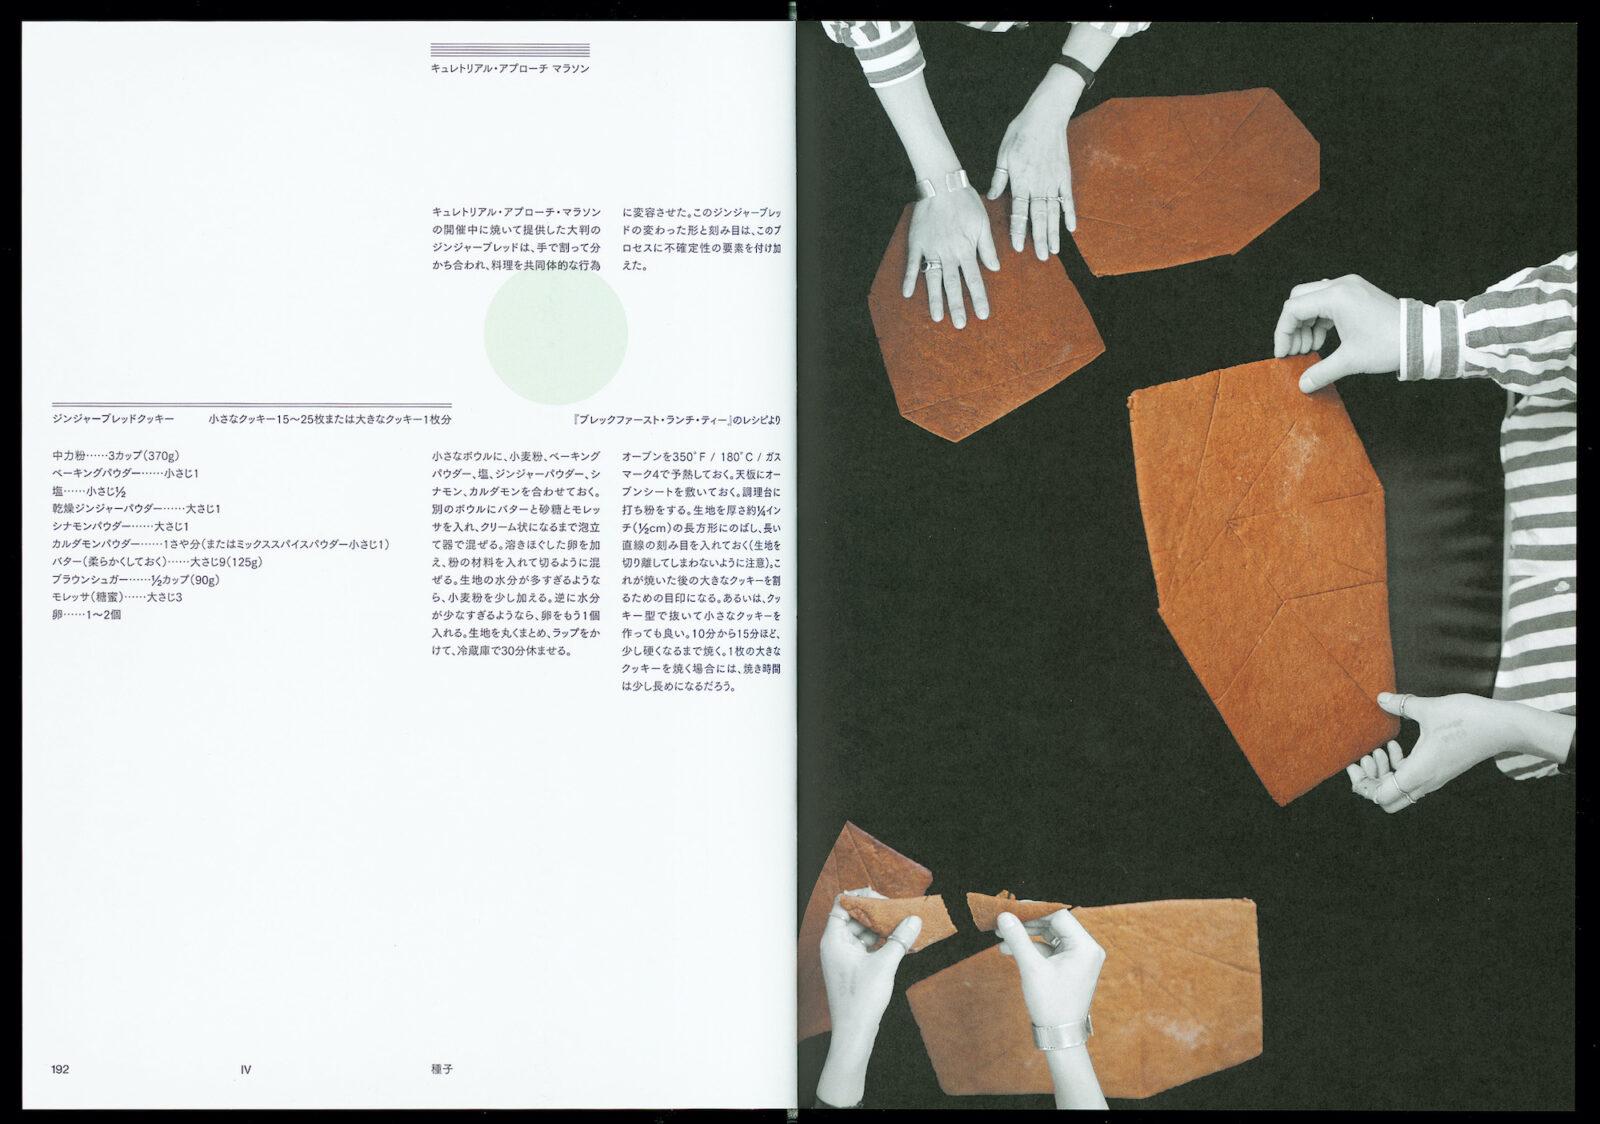 大判のブレッドは、手で割って分かち合う。変わった形と刻み目は、料理のプロセスに不確定性の要素を加えている。